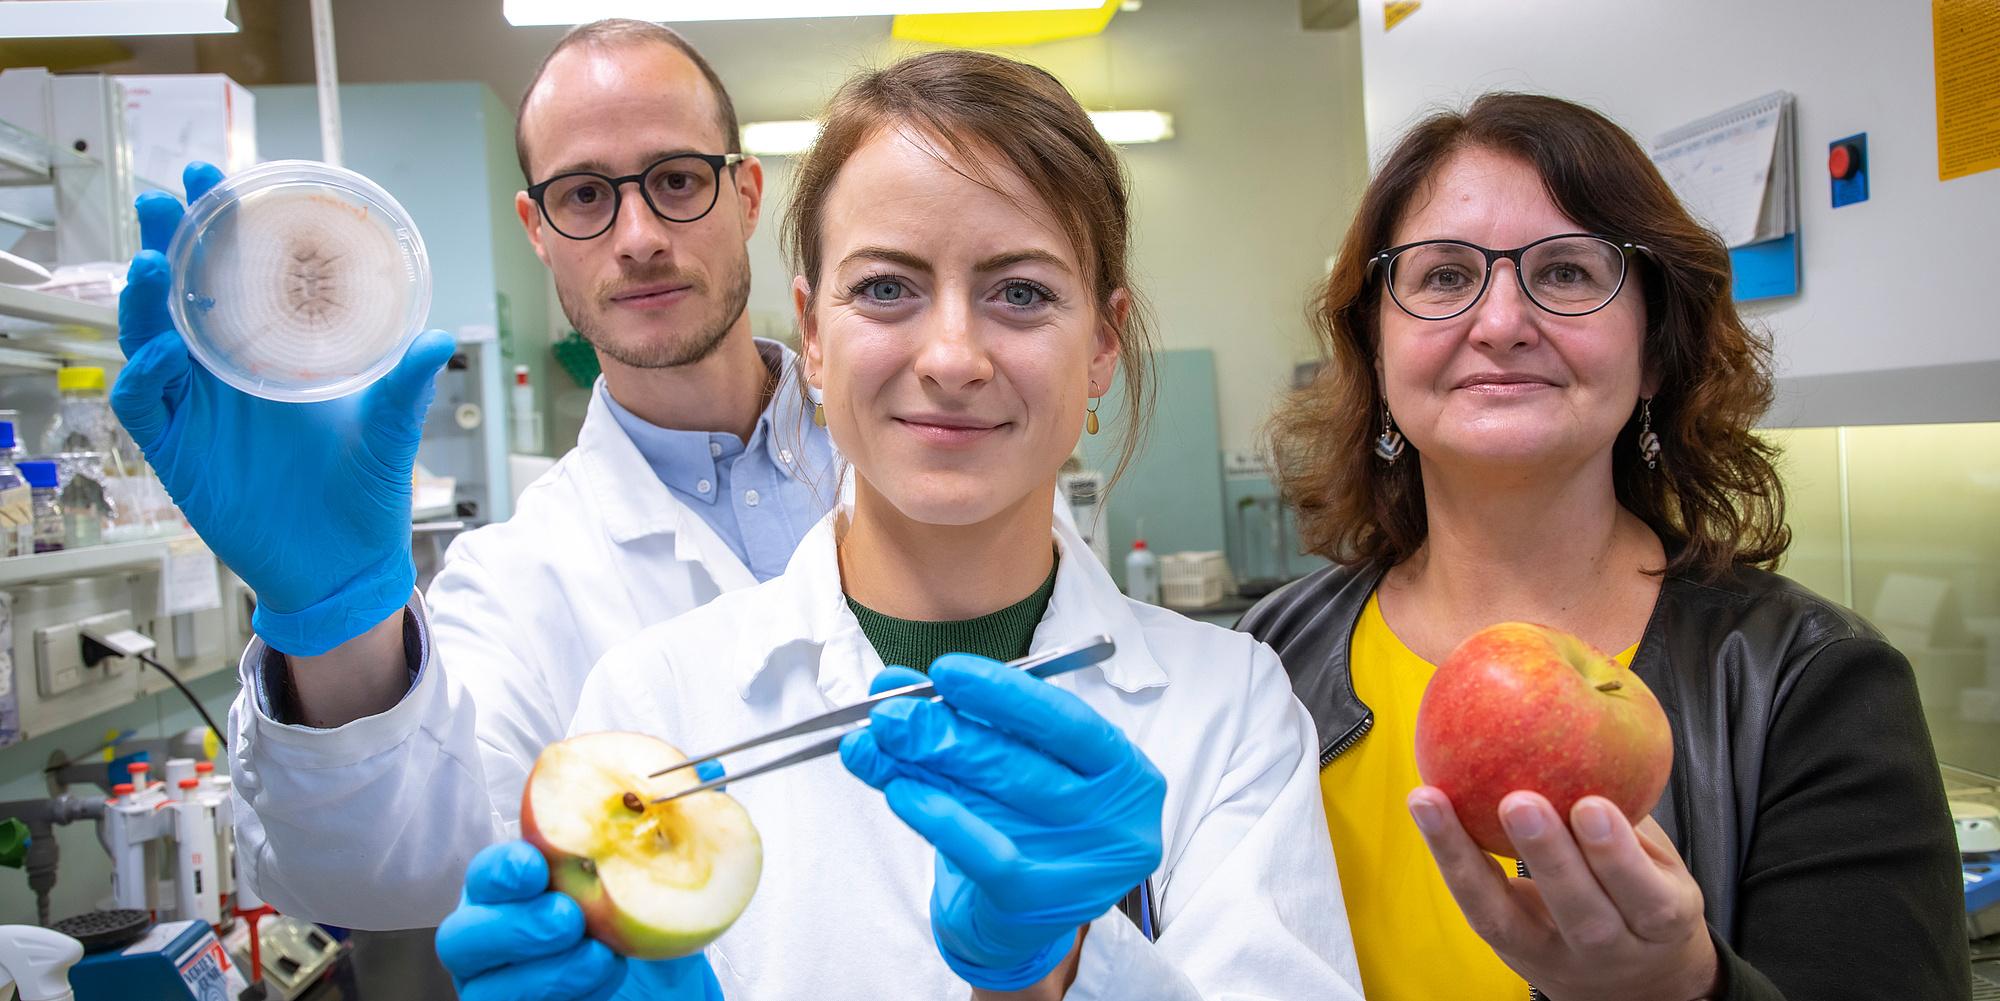 3 Forschende in einem Labor halten Apfel, Pinzette und Petrischale in der Hand